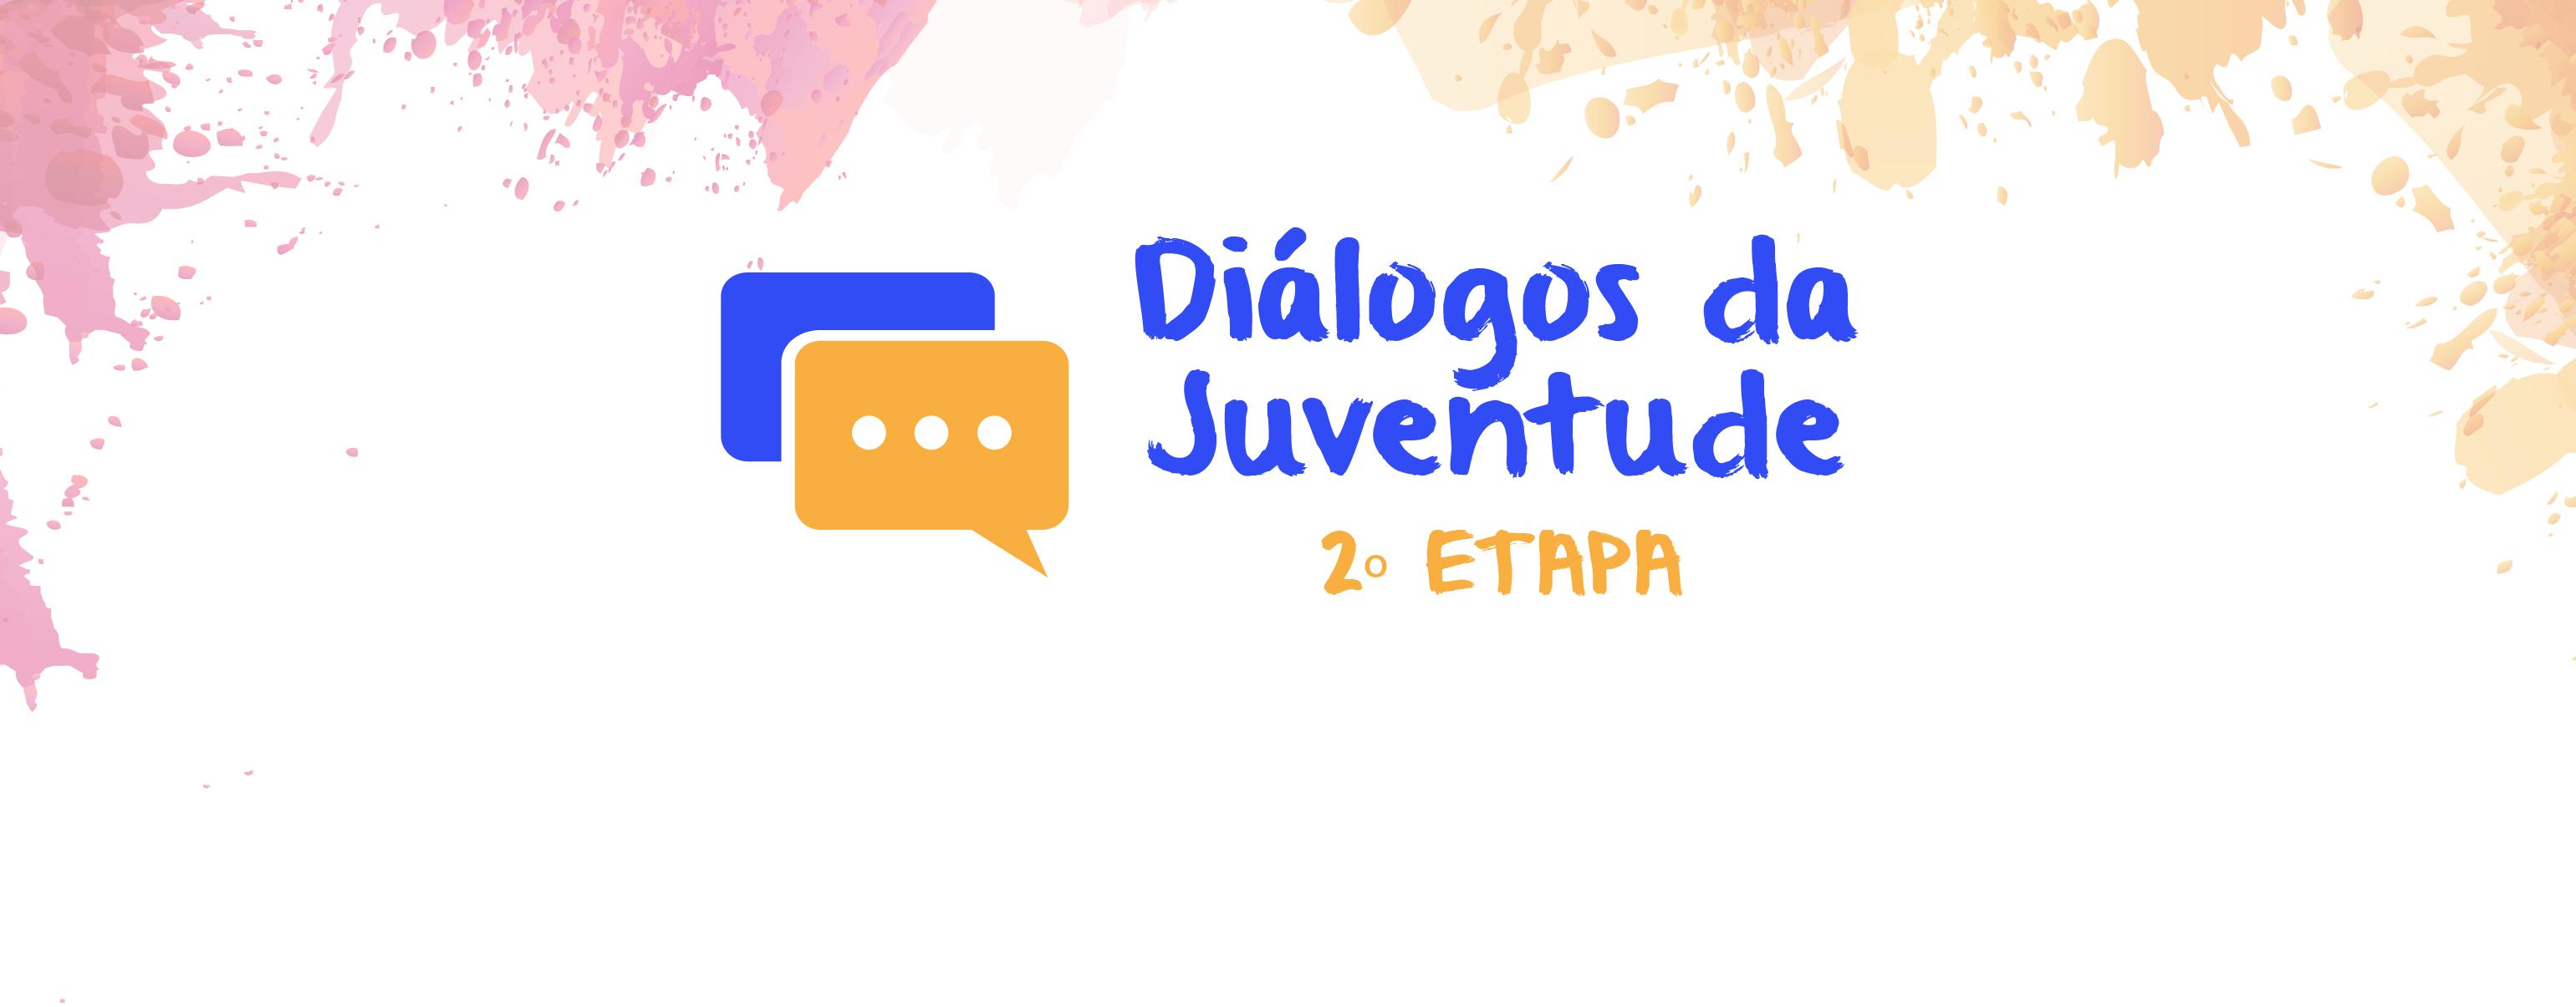 """Projeto """"Diálogos da Juventude"""" inicia 2ª etapa atendendo escolas do município"""